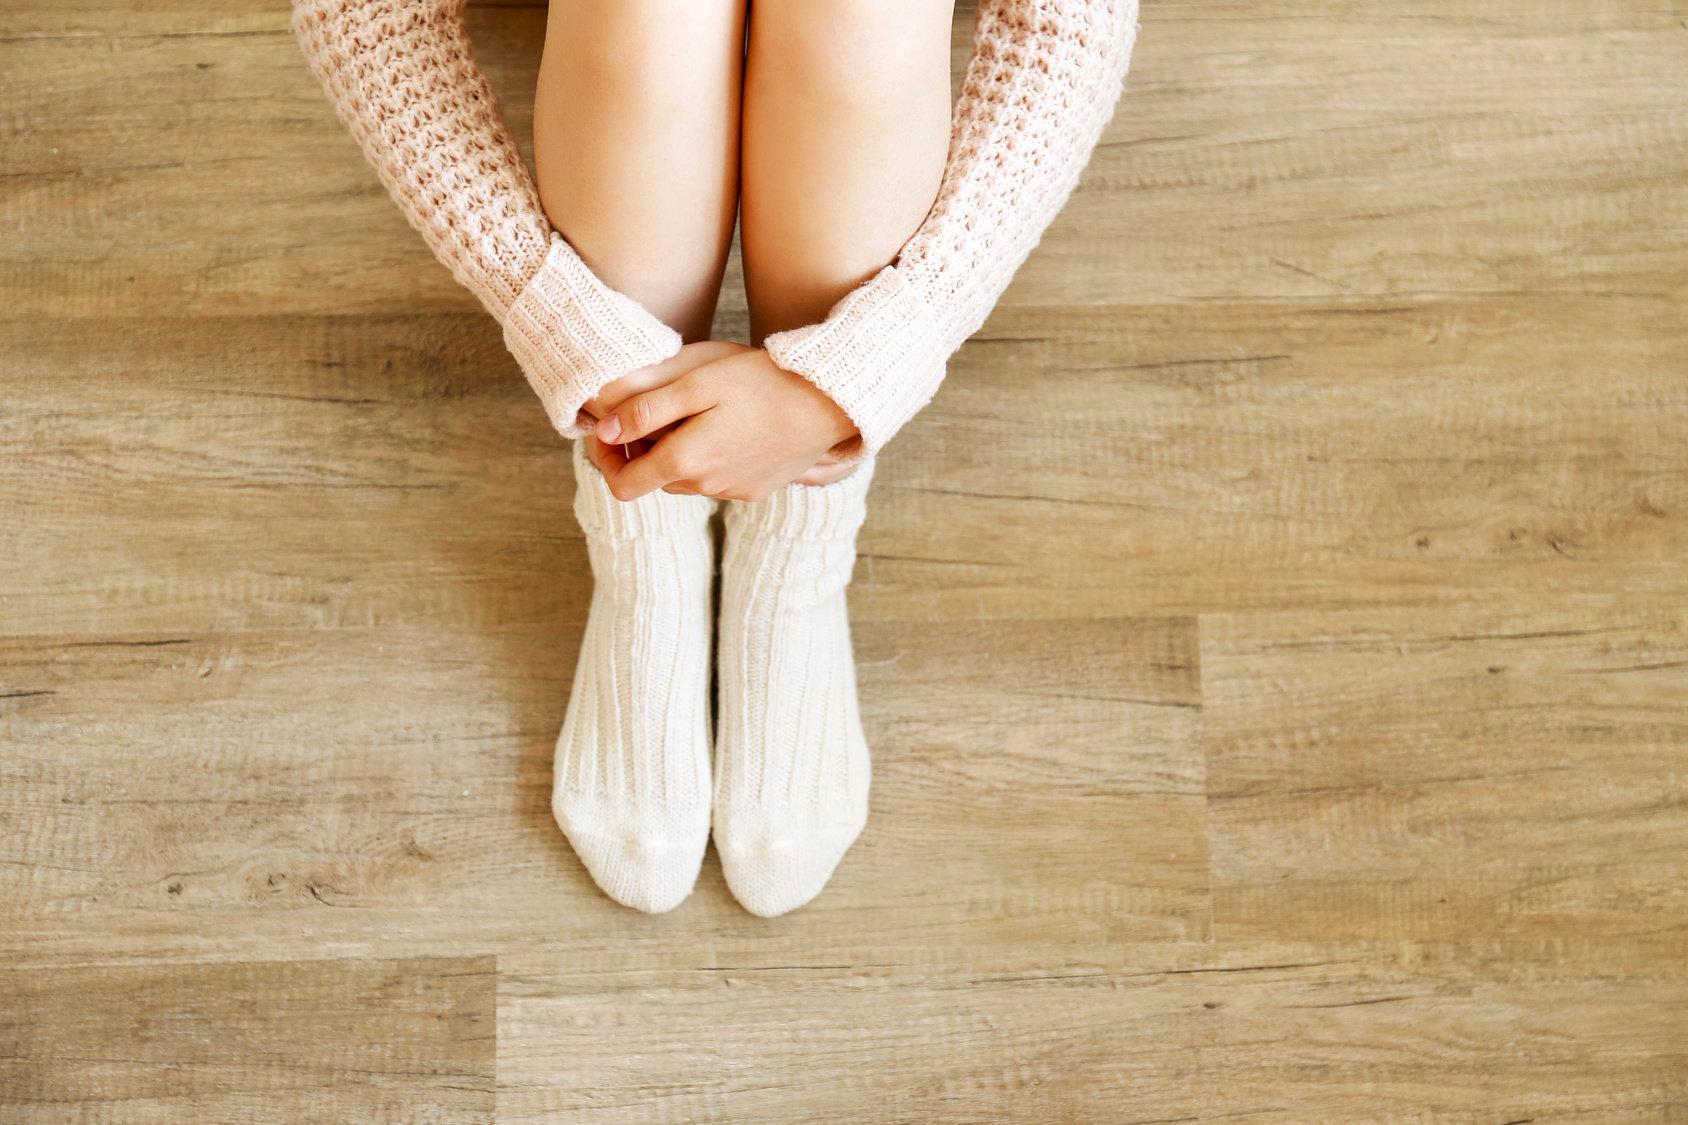 mayor confort con el suelo radiante refrescante